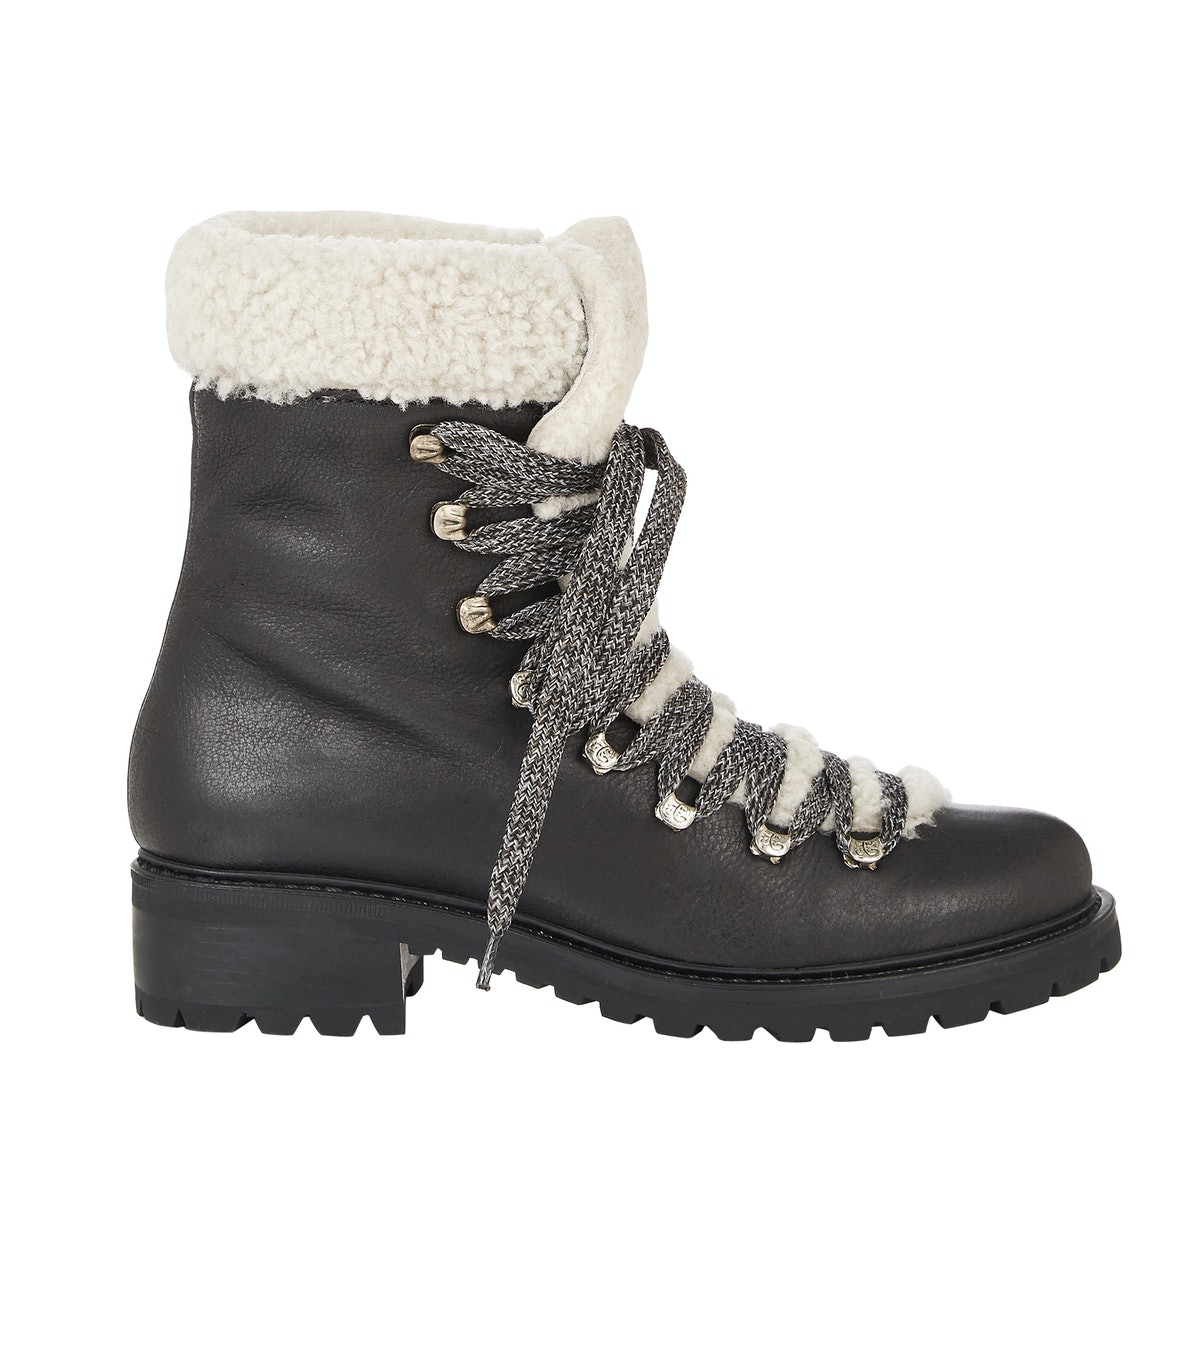 Barneys boots